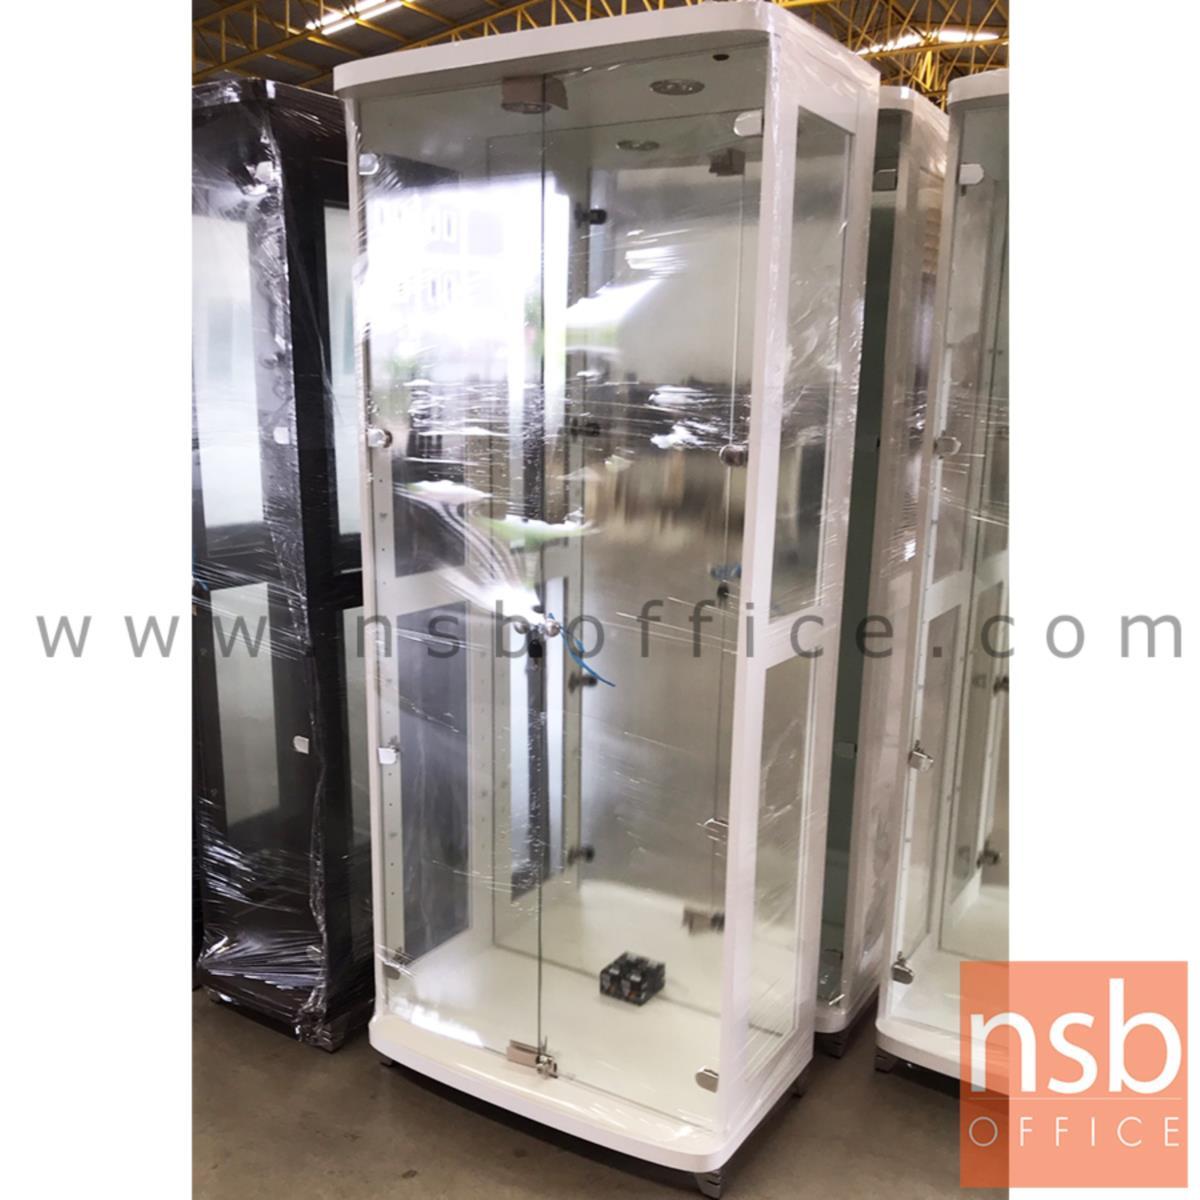 ตู้โชว์กระจกดาวน์ไลท์ ขนาด 80W*40D*190H cm. รุ่น DW-208 มีไฟในตัว  (หลังกระจกเงา)